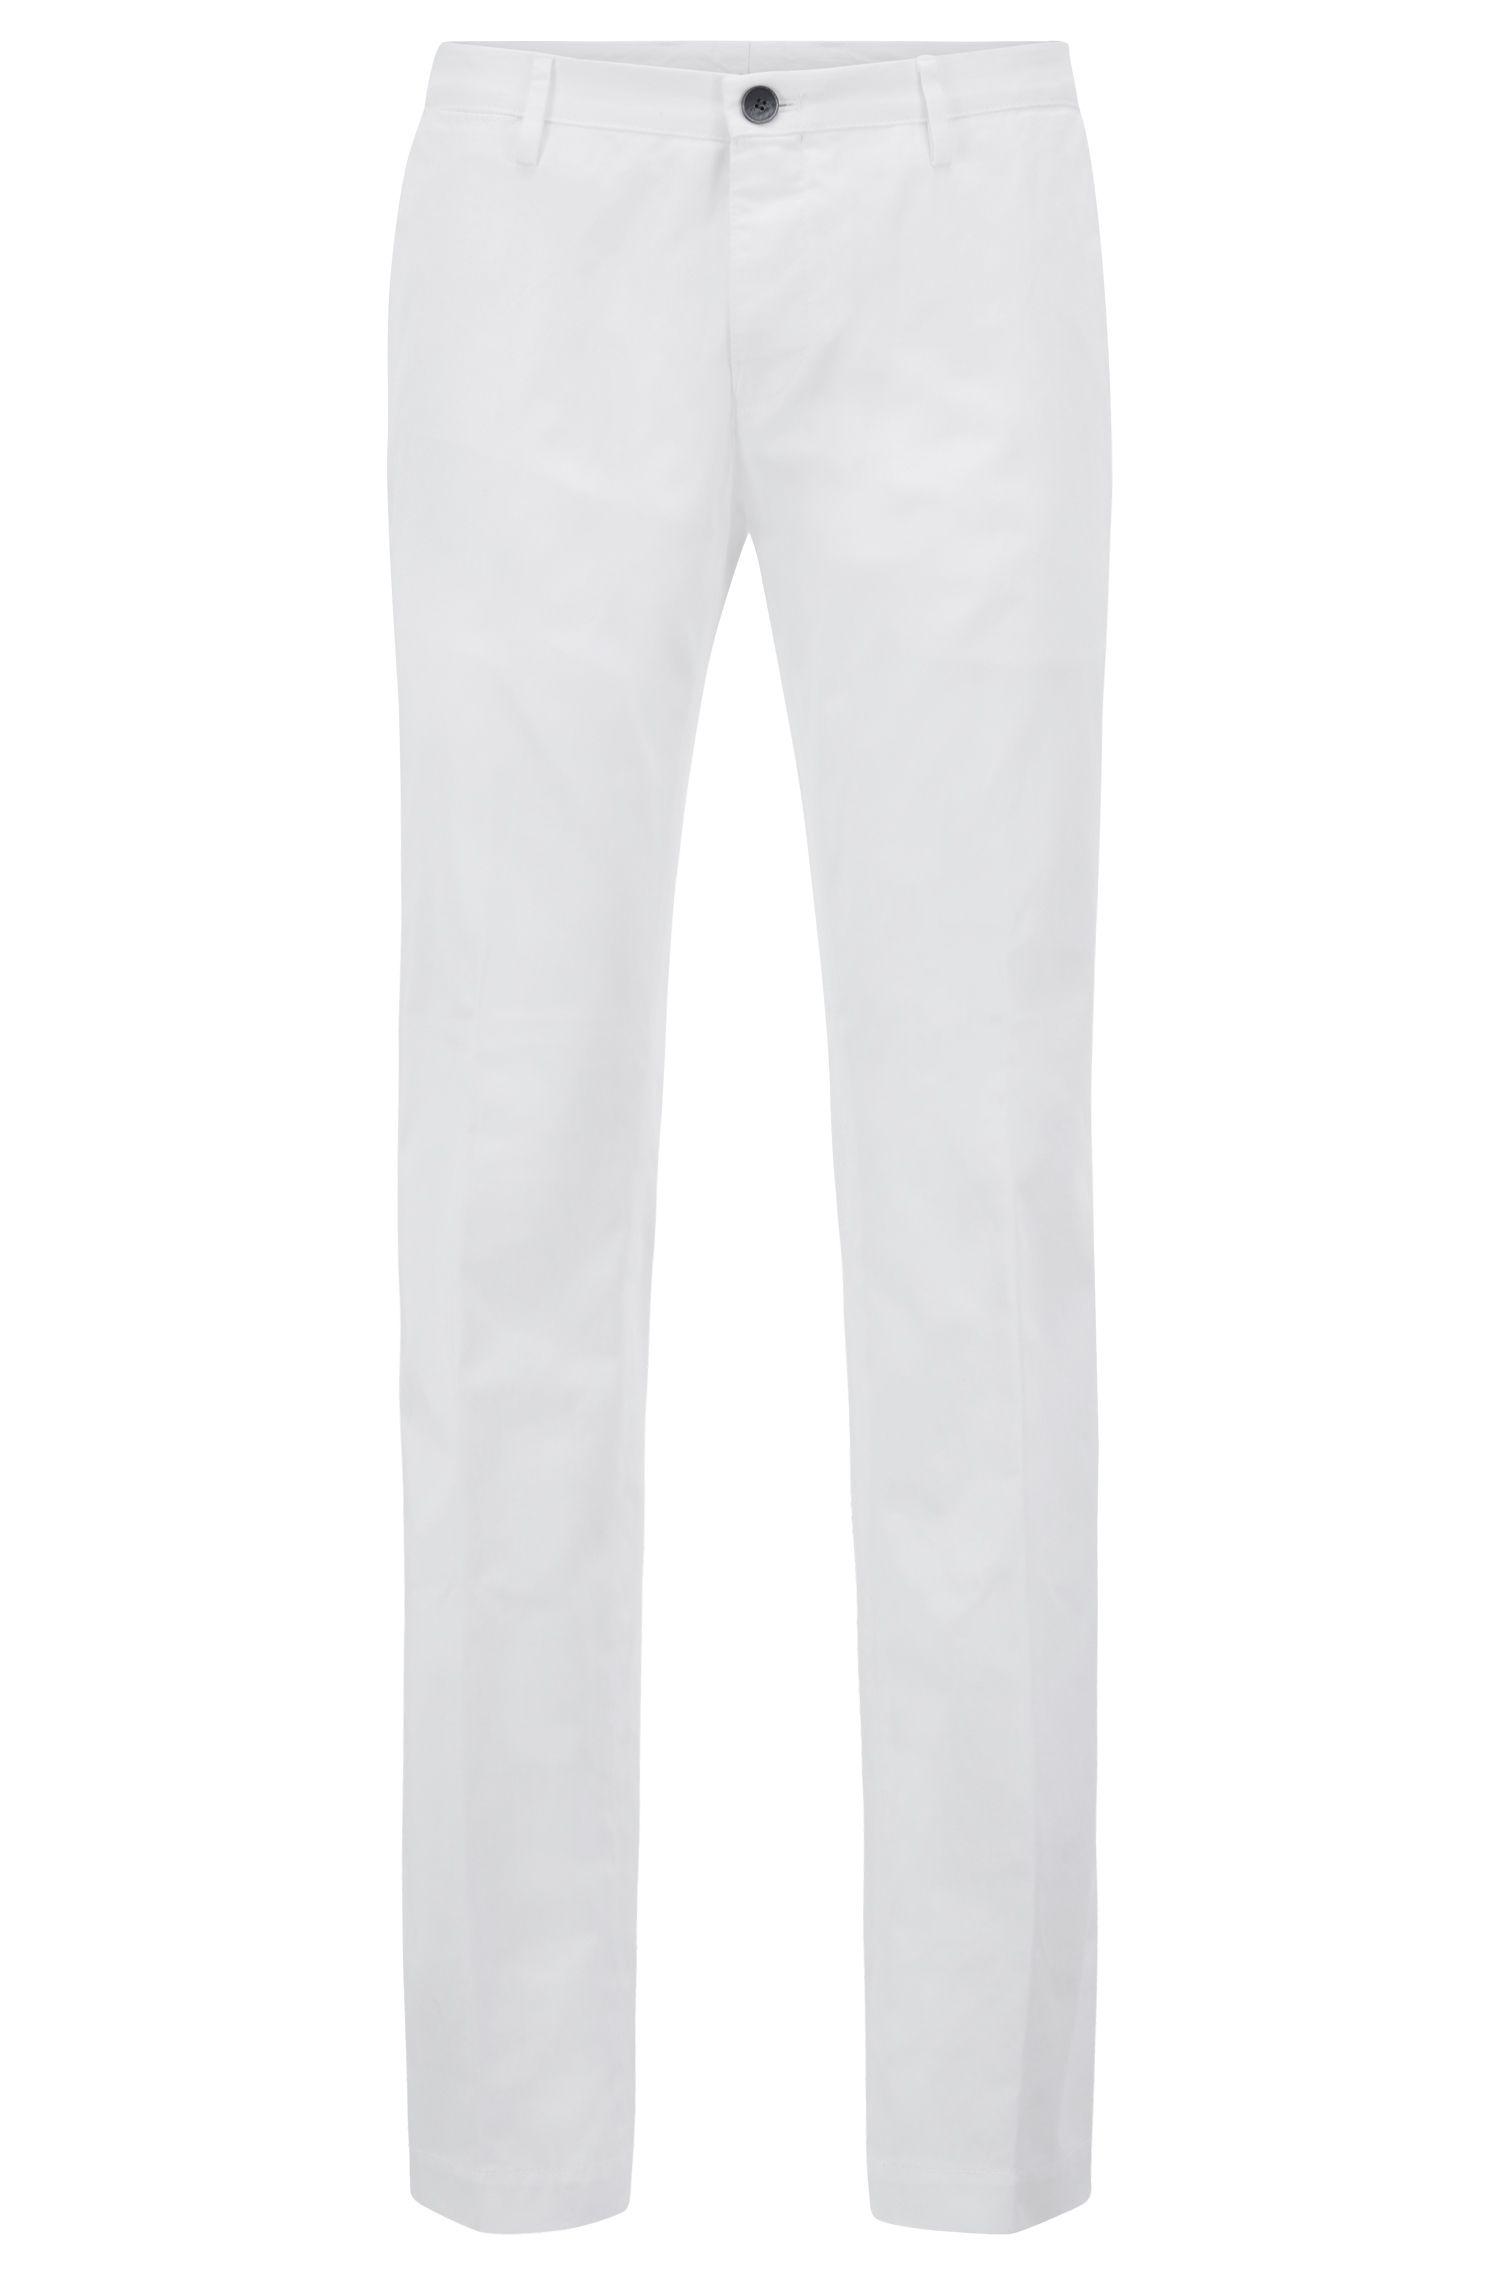 Pantalones slim fit en algodón elástico con ribetes internos, Blanco